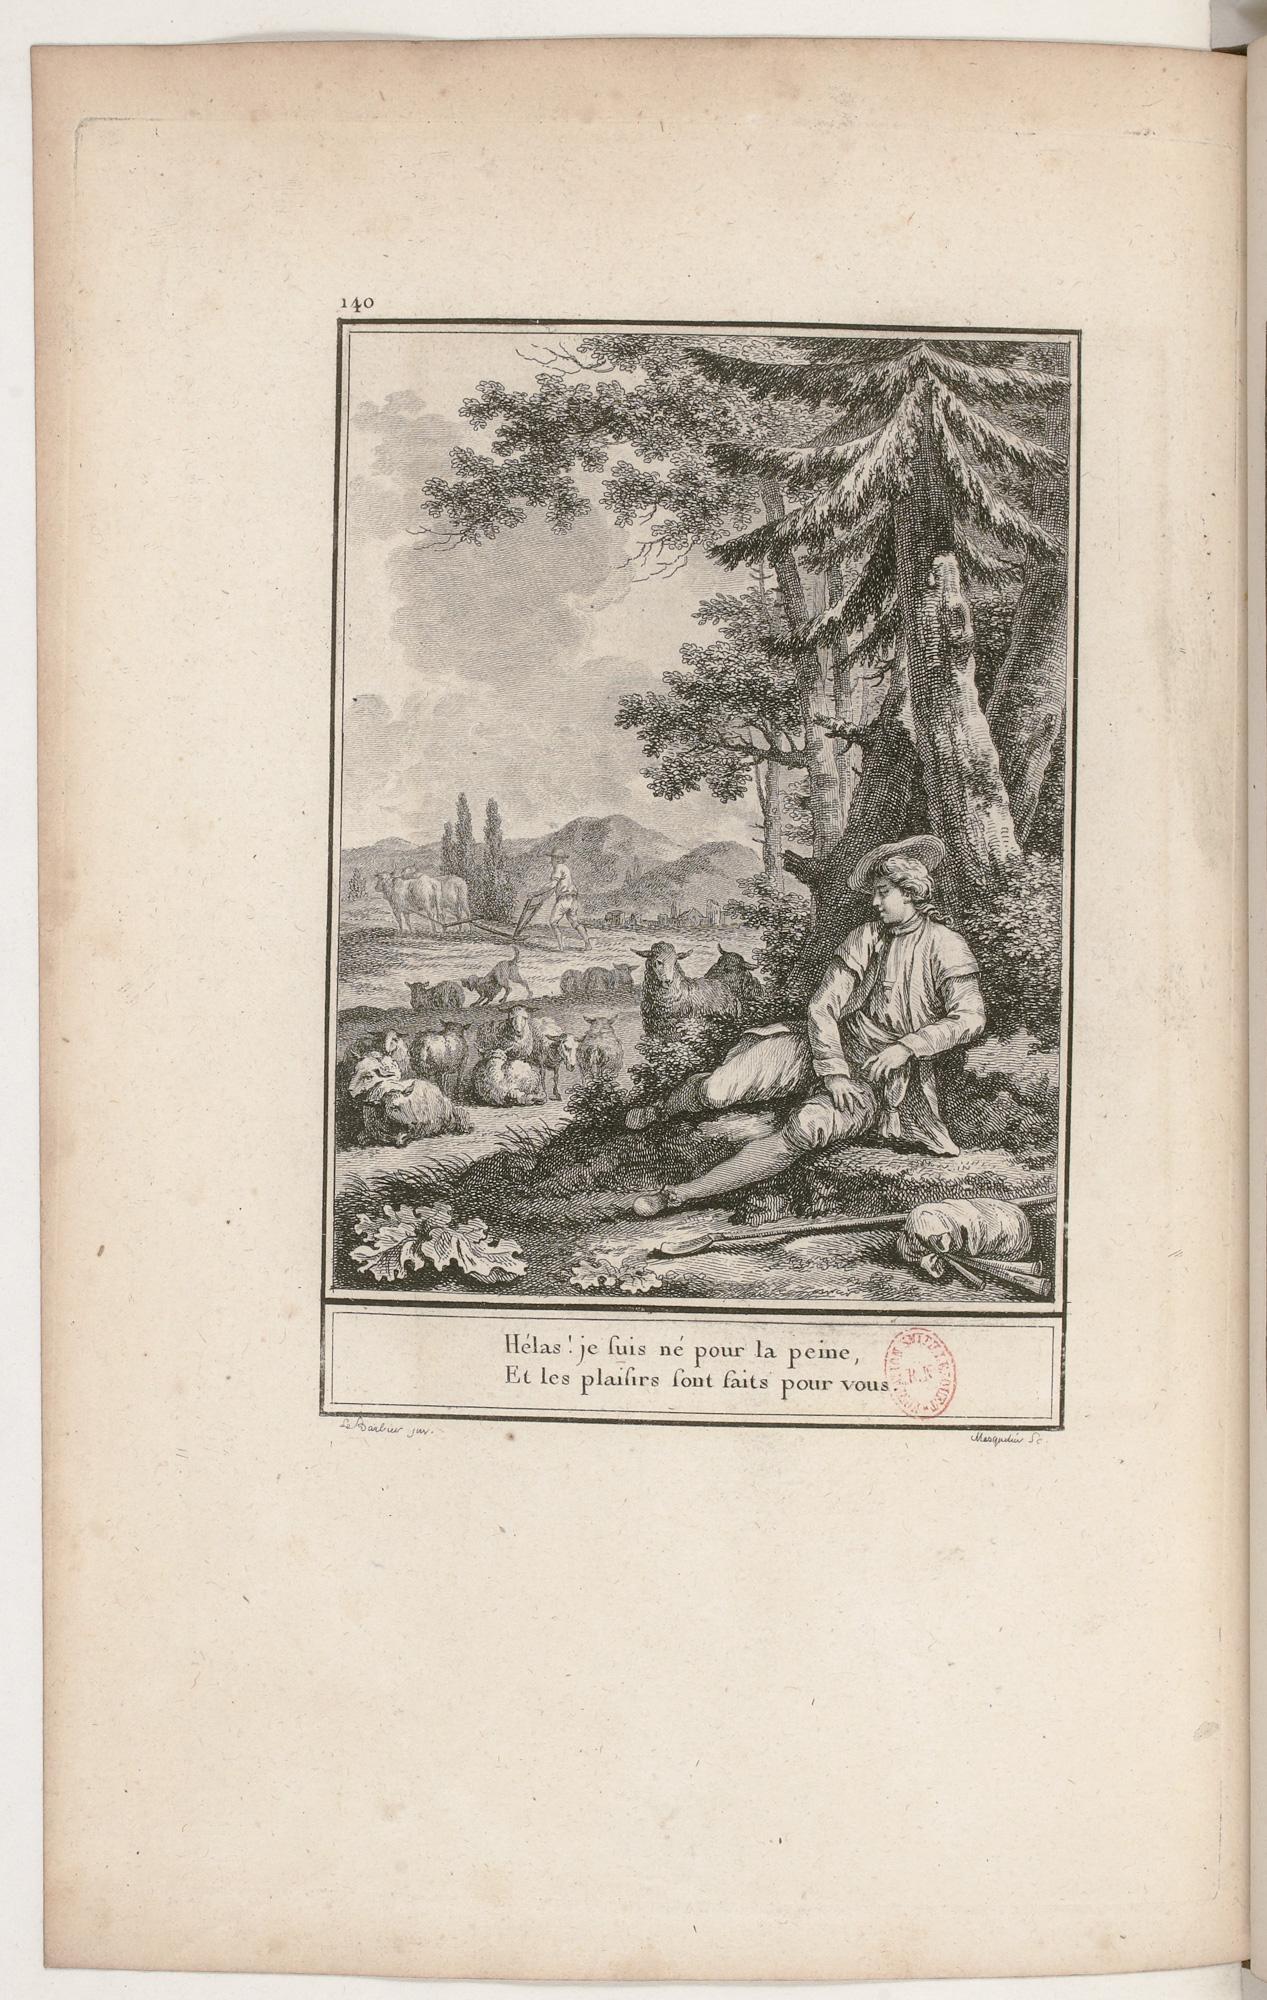 S.3.24 Le berger mécontent, 1772, Image